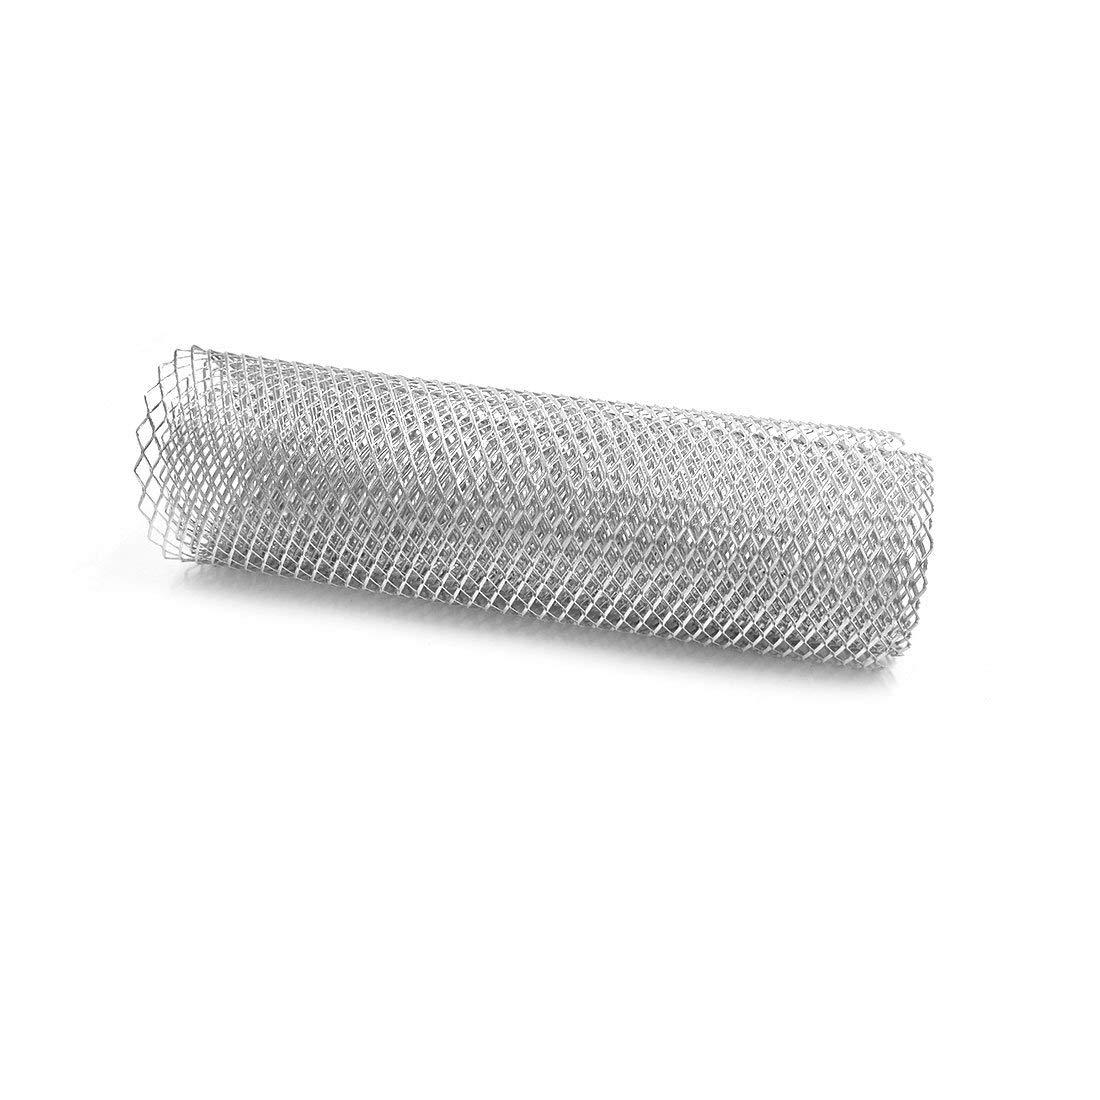 100x33cm Alliage aluum Avant Voiture rhombiques Grill Mesh 8x16 mm